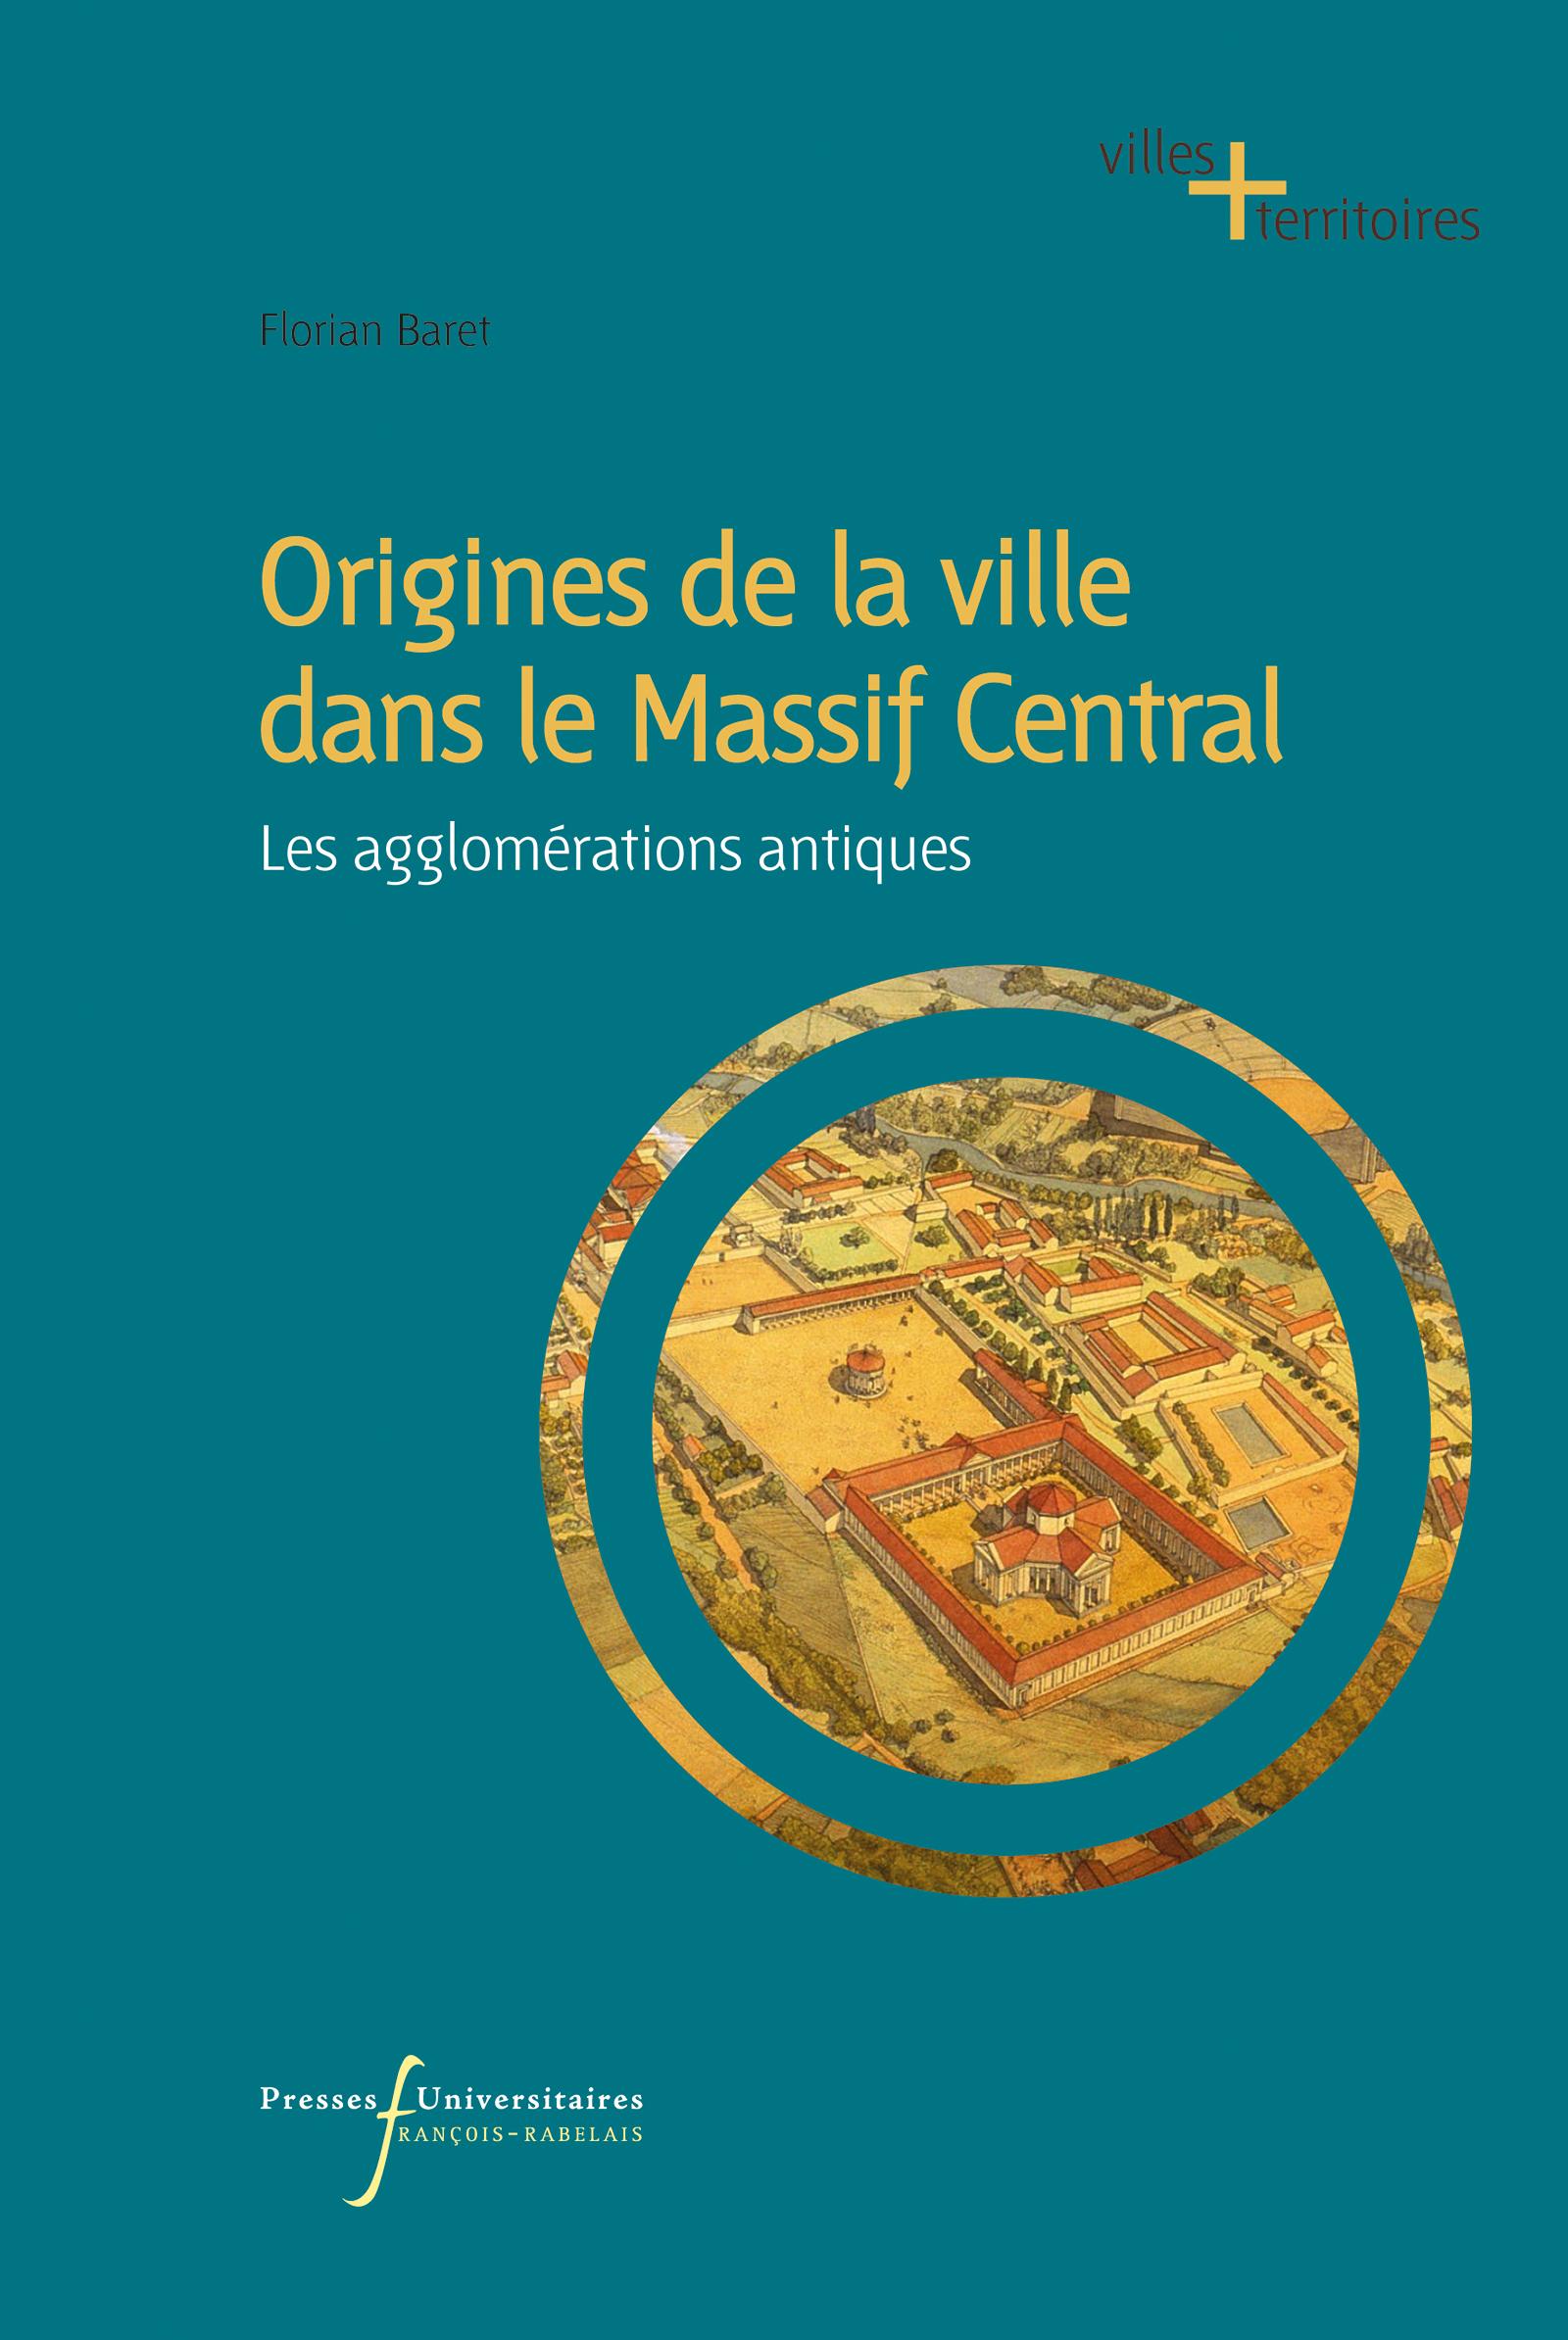 Origines de la ville dans le Massif Central